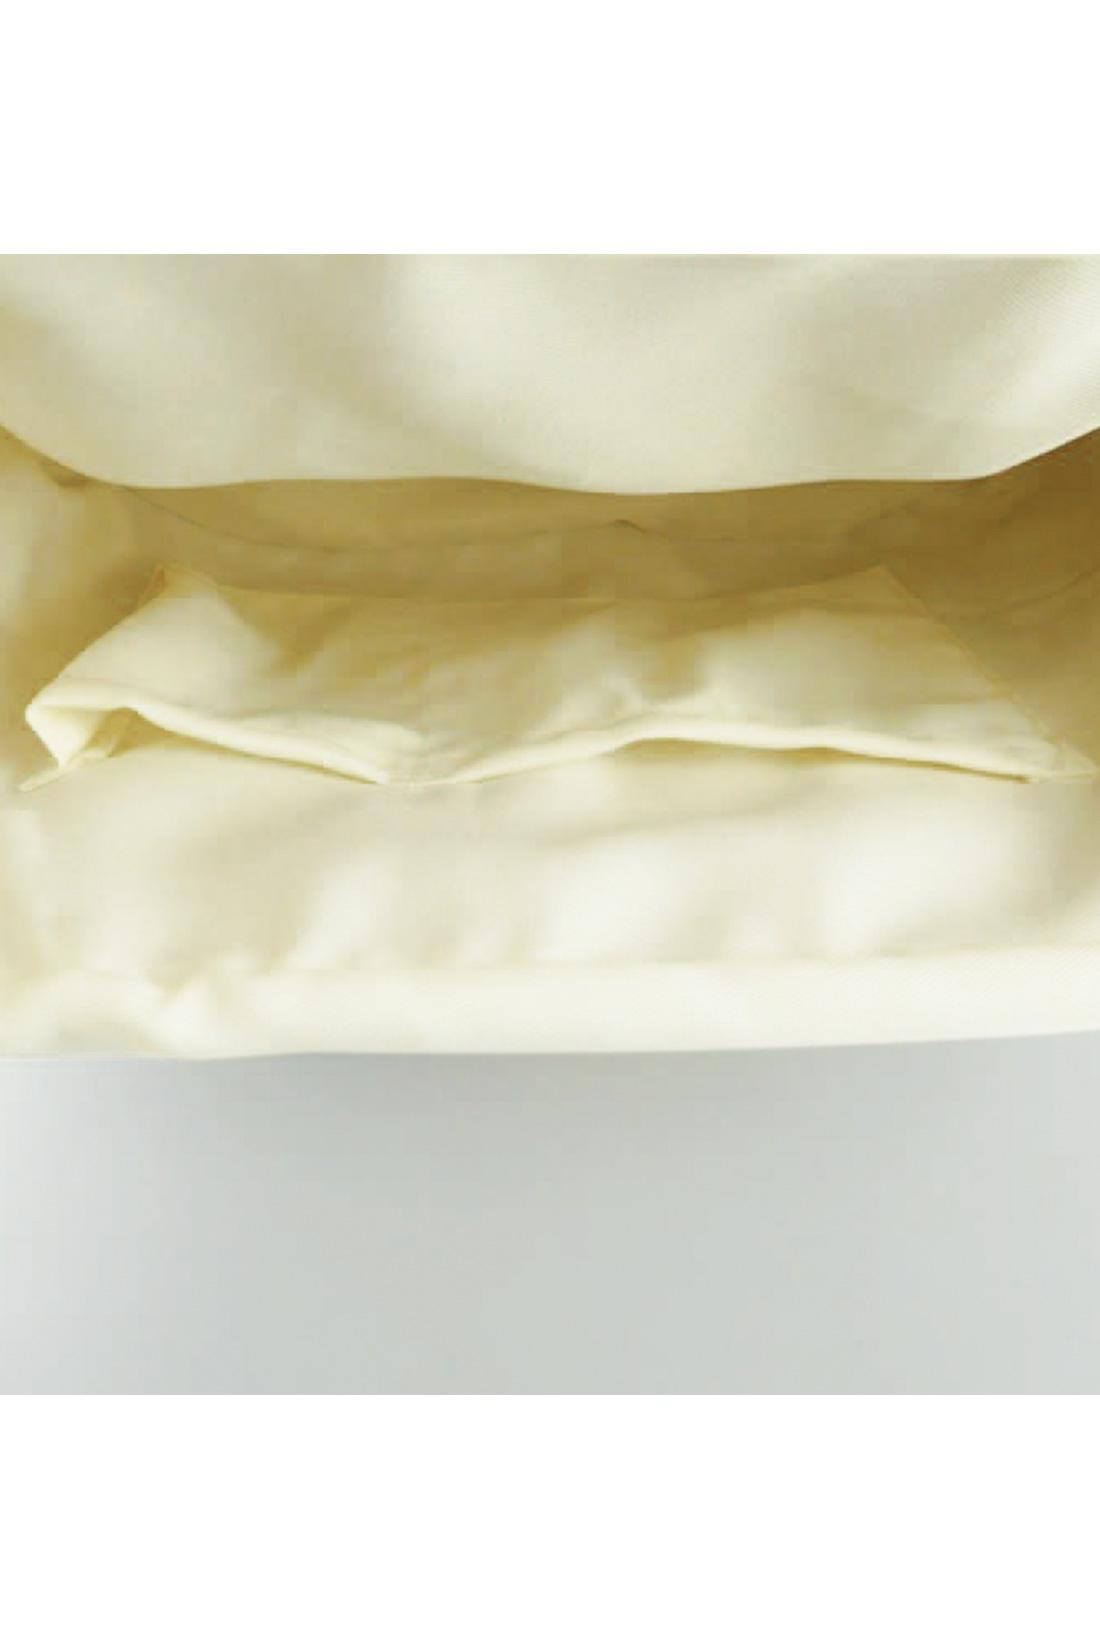 [中が見えないのがうれしいね。]バッグに縫い付けられた巾着状の内袋が大活躍♪ うれしい内ポケット付きです。